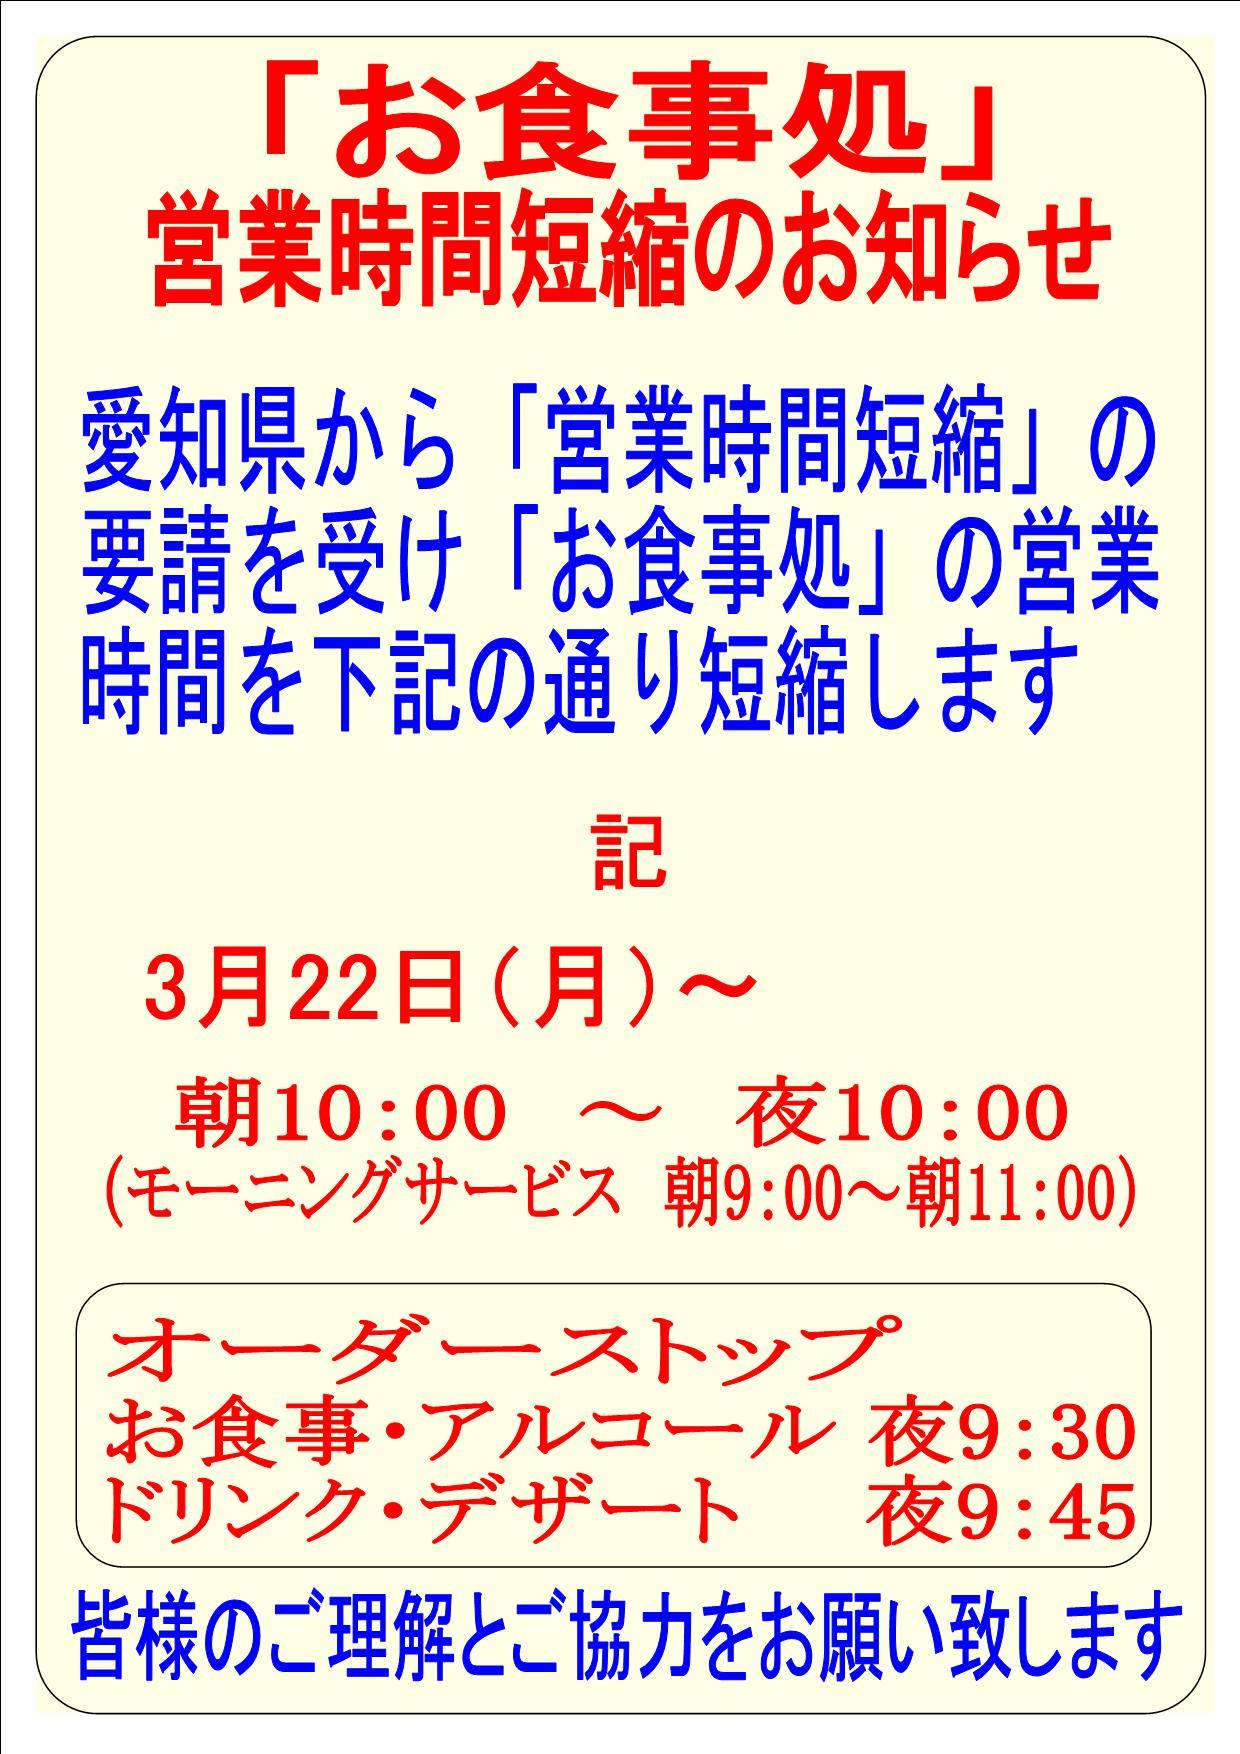 お食事処時短のお知らせ日付変更2